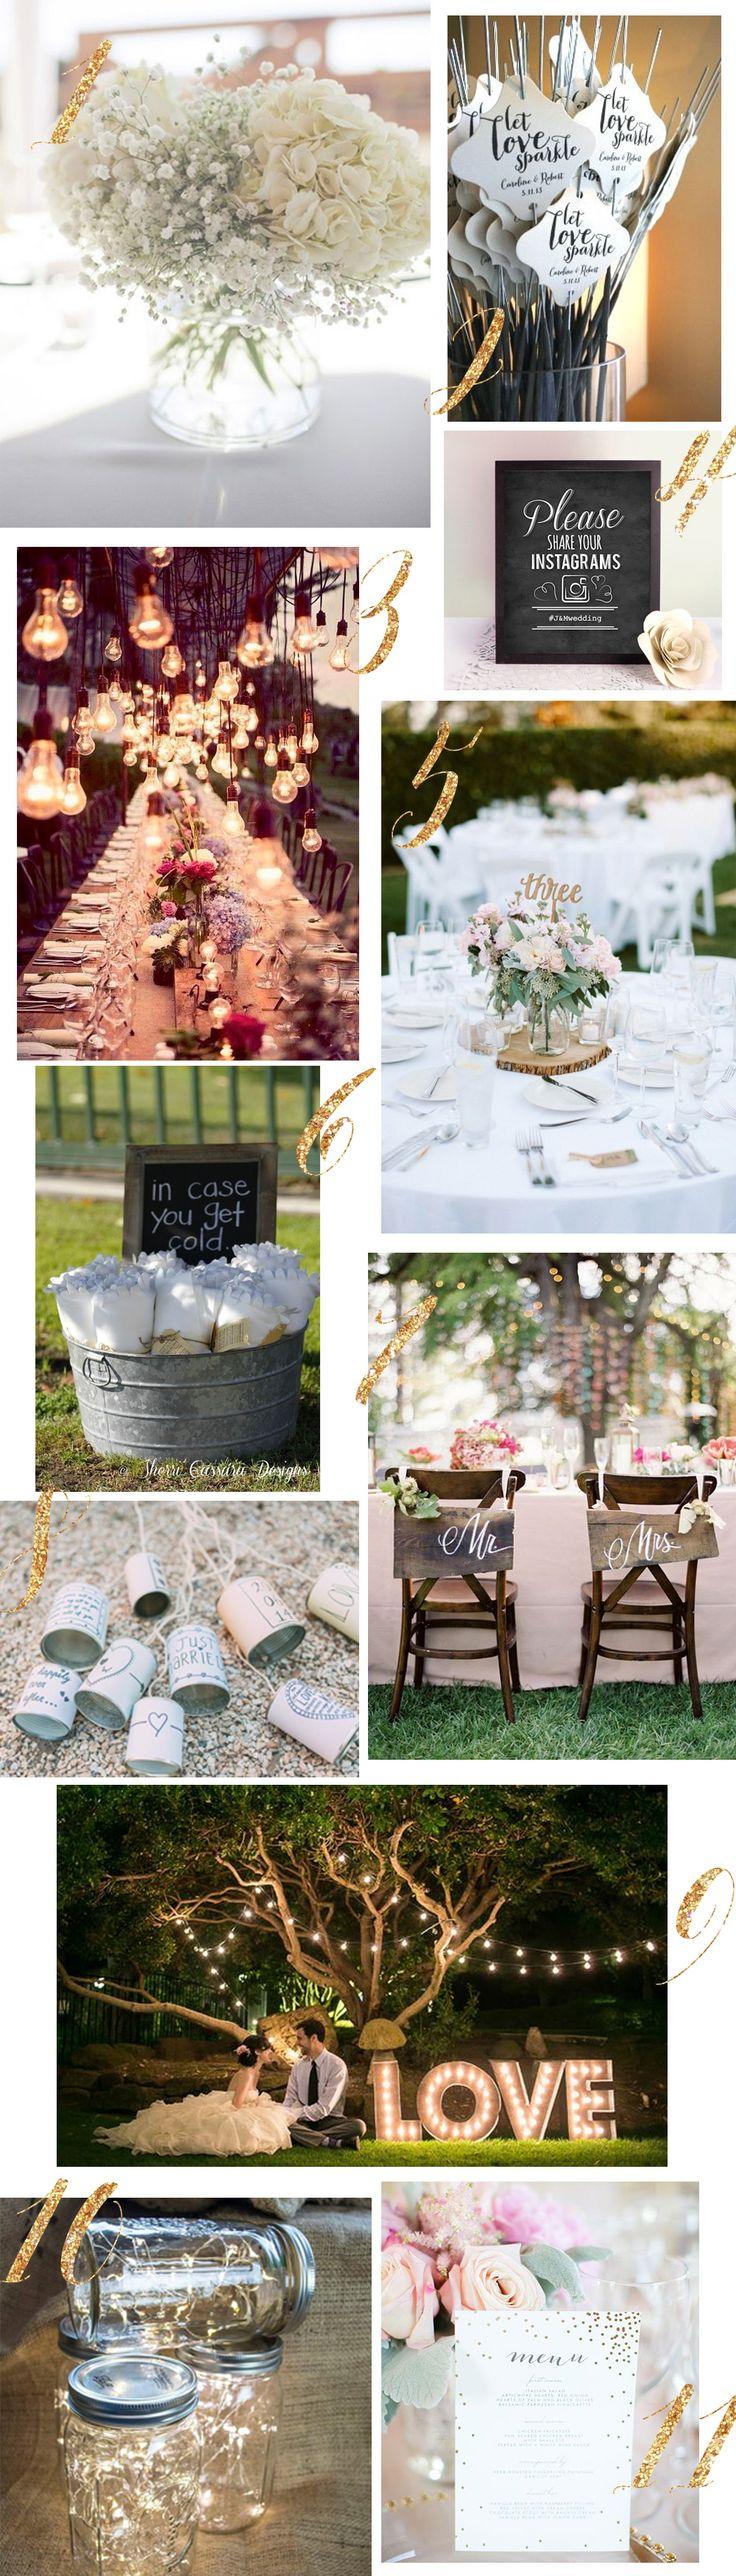 bryllupspynt-og-DIY-ideer-til-bryllup